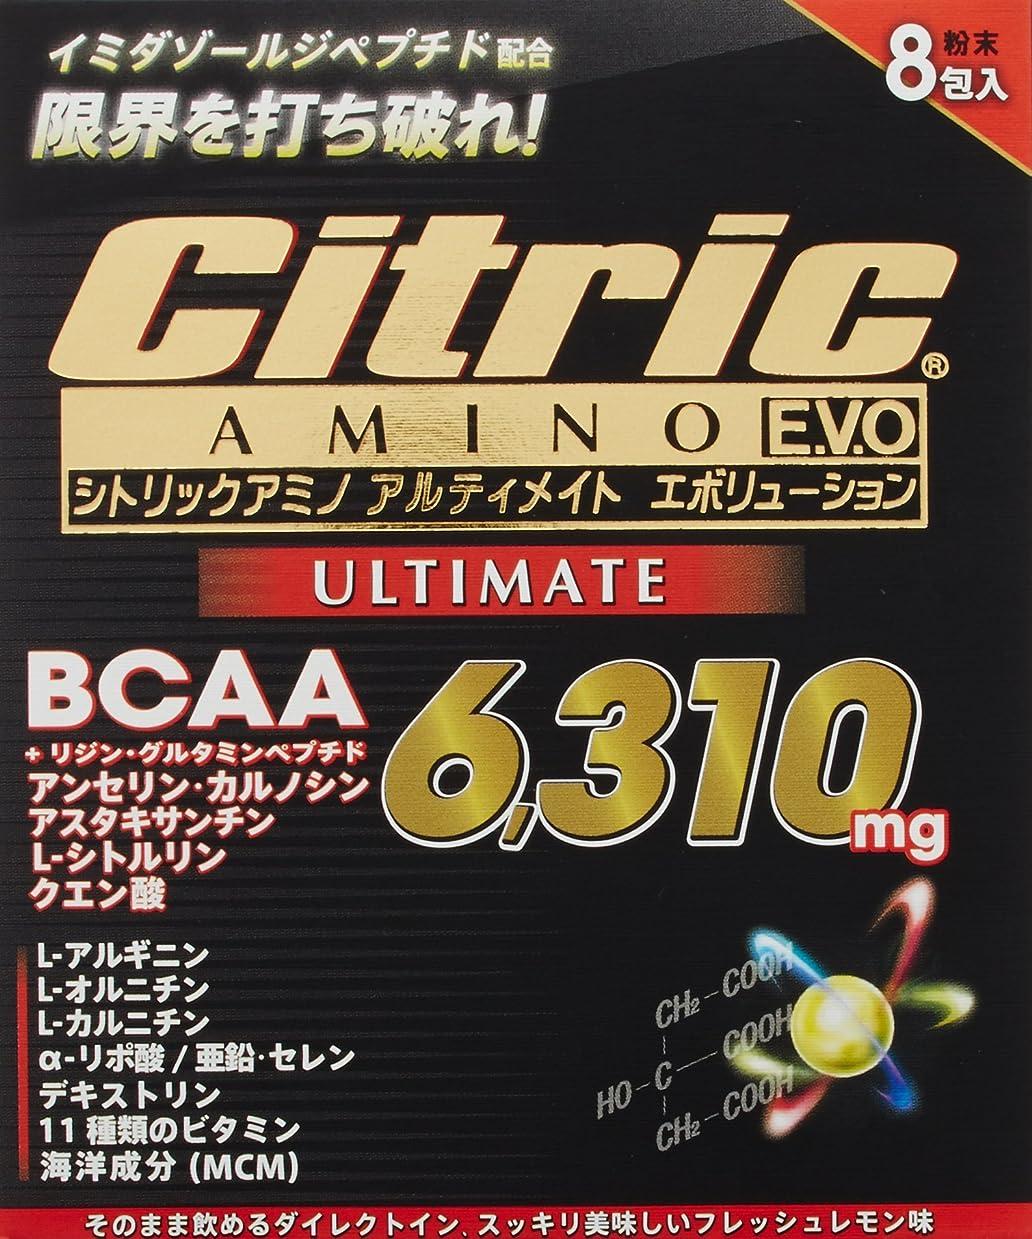 高層ビルぞっとするような飢えシトリックアミノ(Citric AMINO) (アスリート向け) アルティメイト エボリューション 7.5g×8袋入  5279